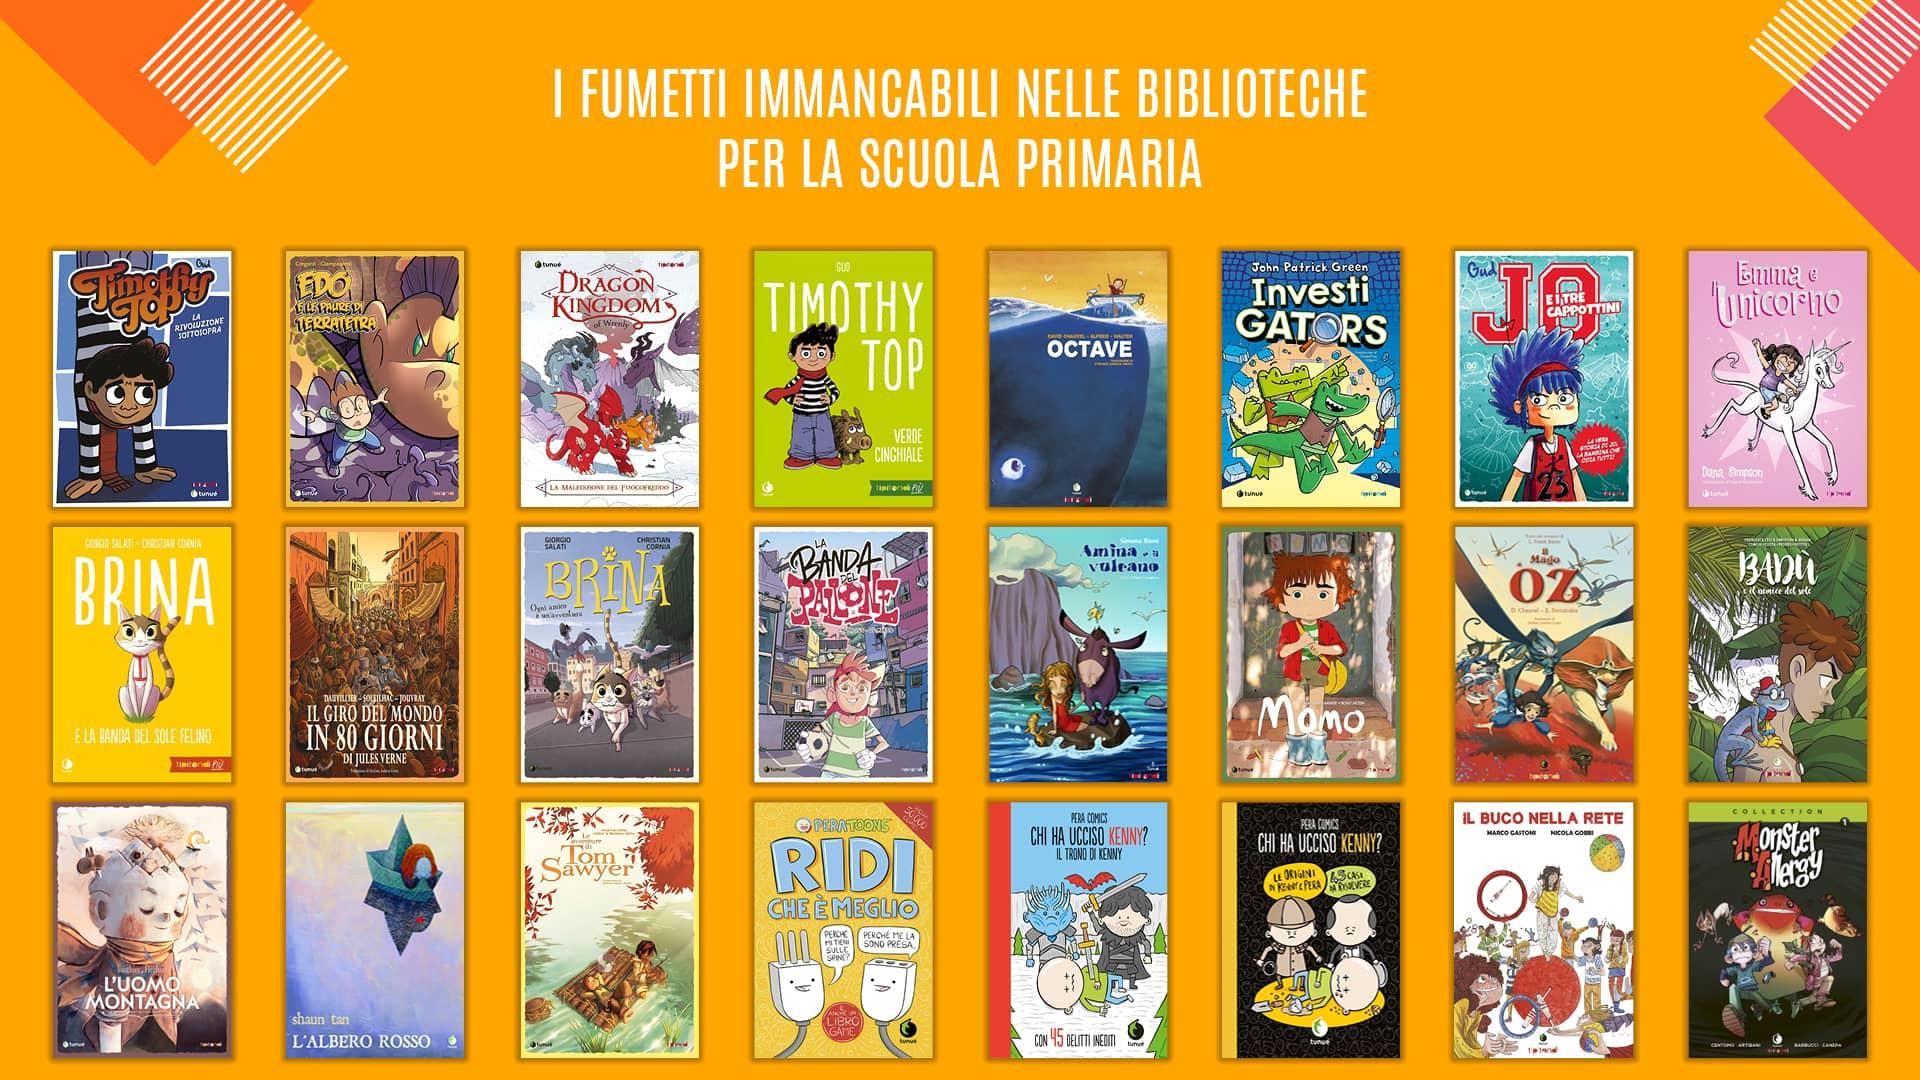 I fumetti immancabili nelle biblioteche scuola primaria